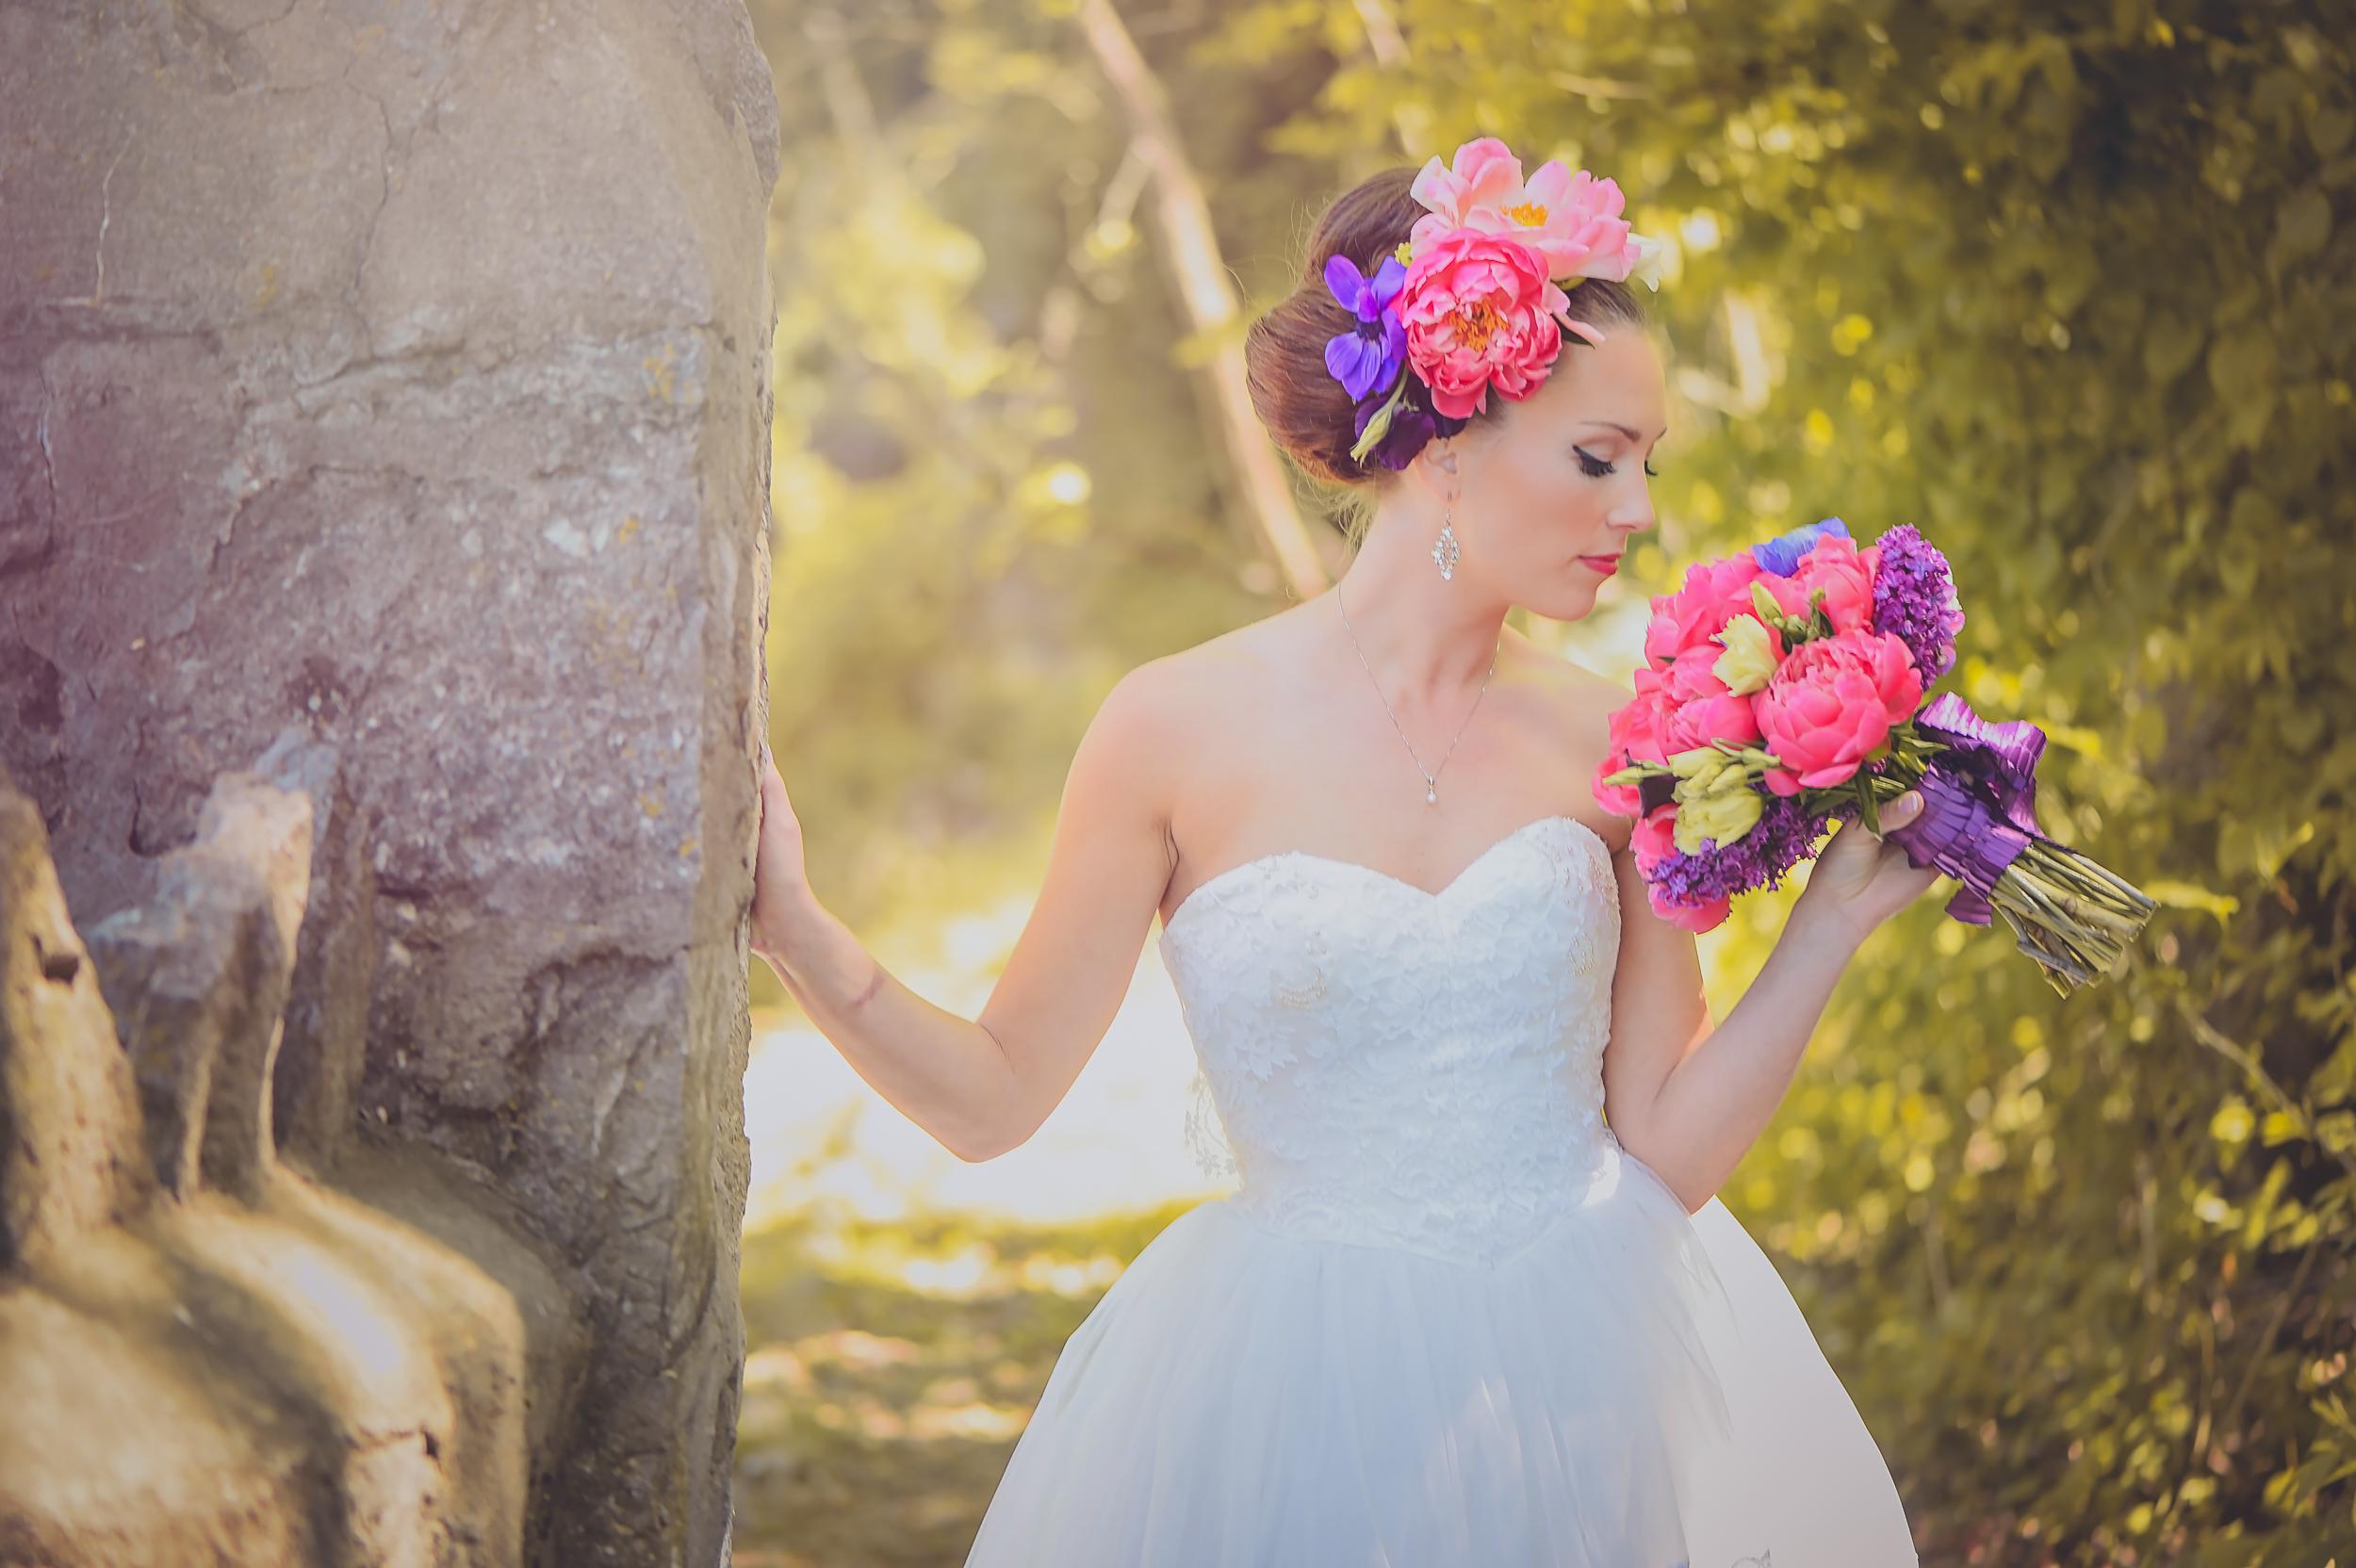 bridalsCOVER©2015mileswittboyer-4.jpg